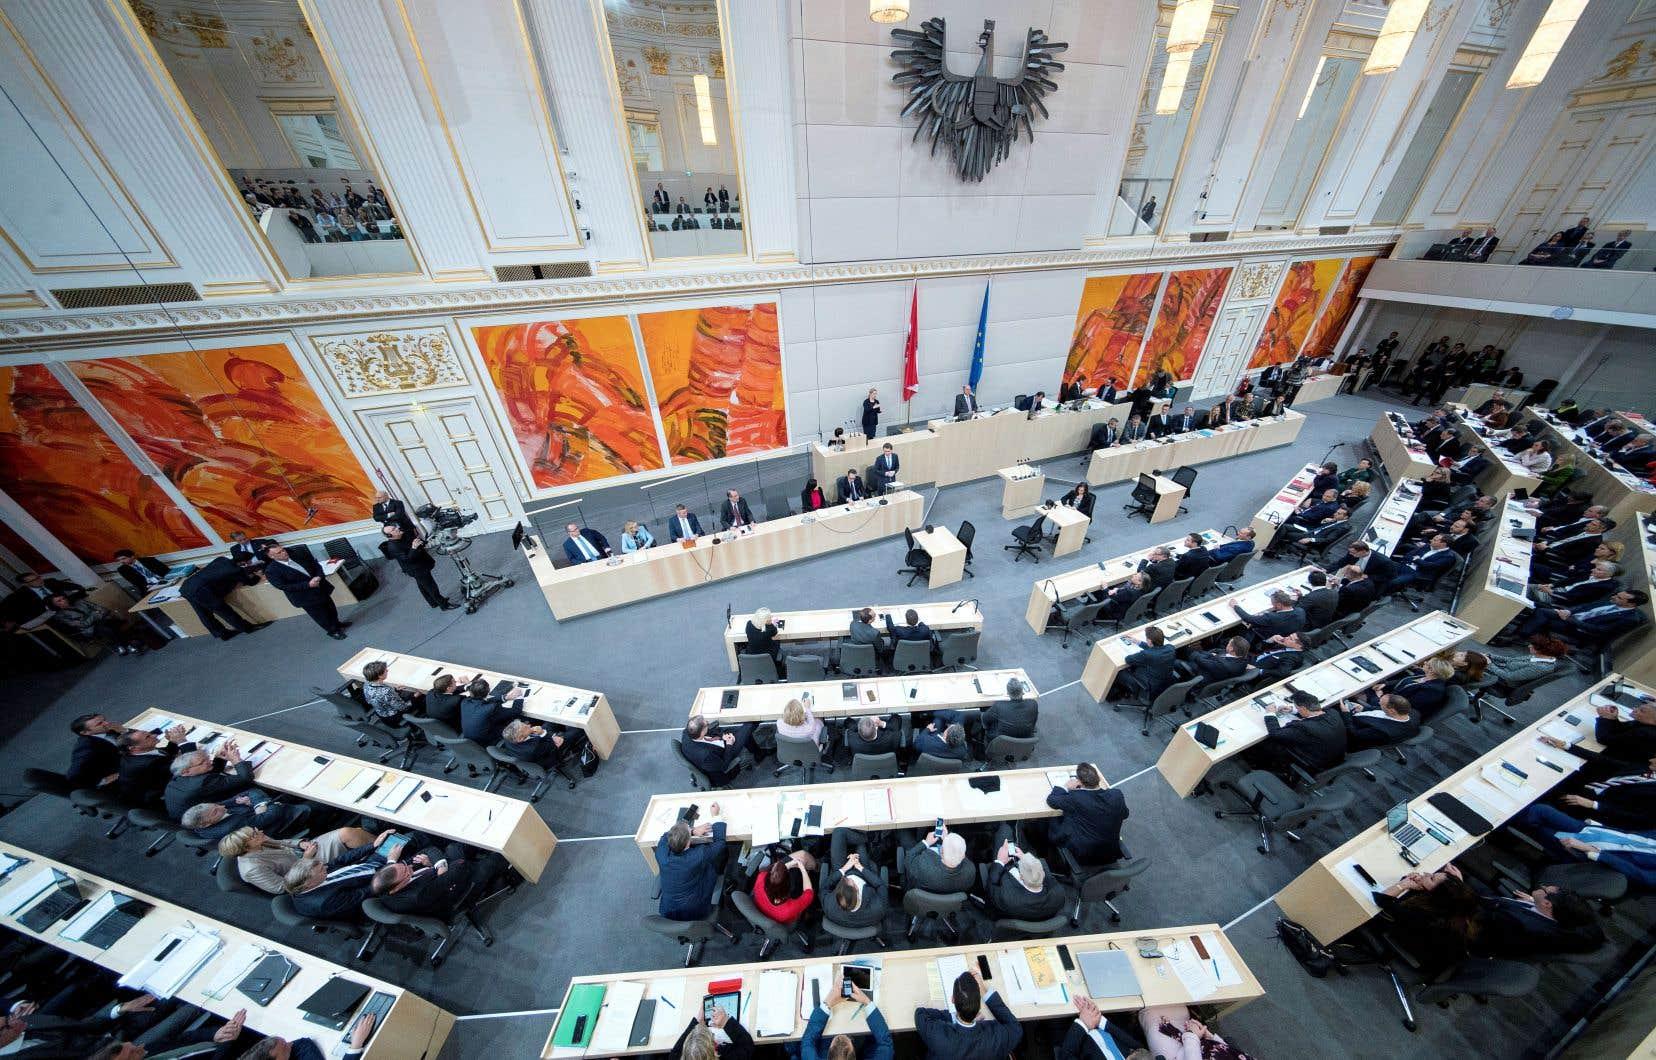 L'Autriche est, depuis plus de 70 ans, une démocratie ancrée dans les valeurs de l'humanisme et des droits de la personne et membre de l'Union européenne depuis plus de 20 ans, estime l'auteur.